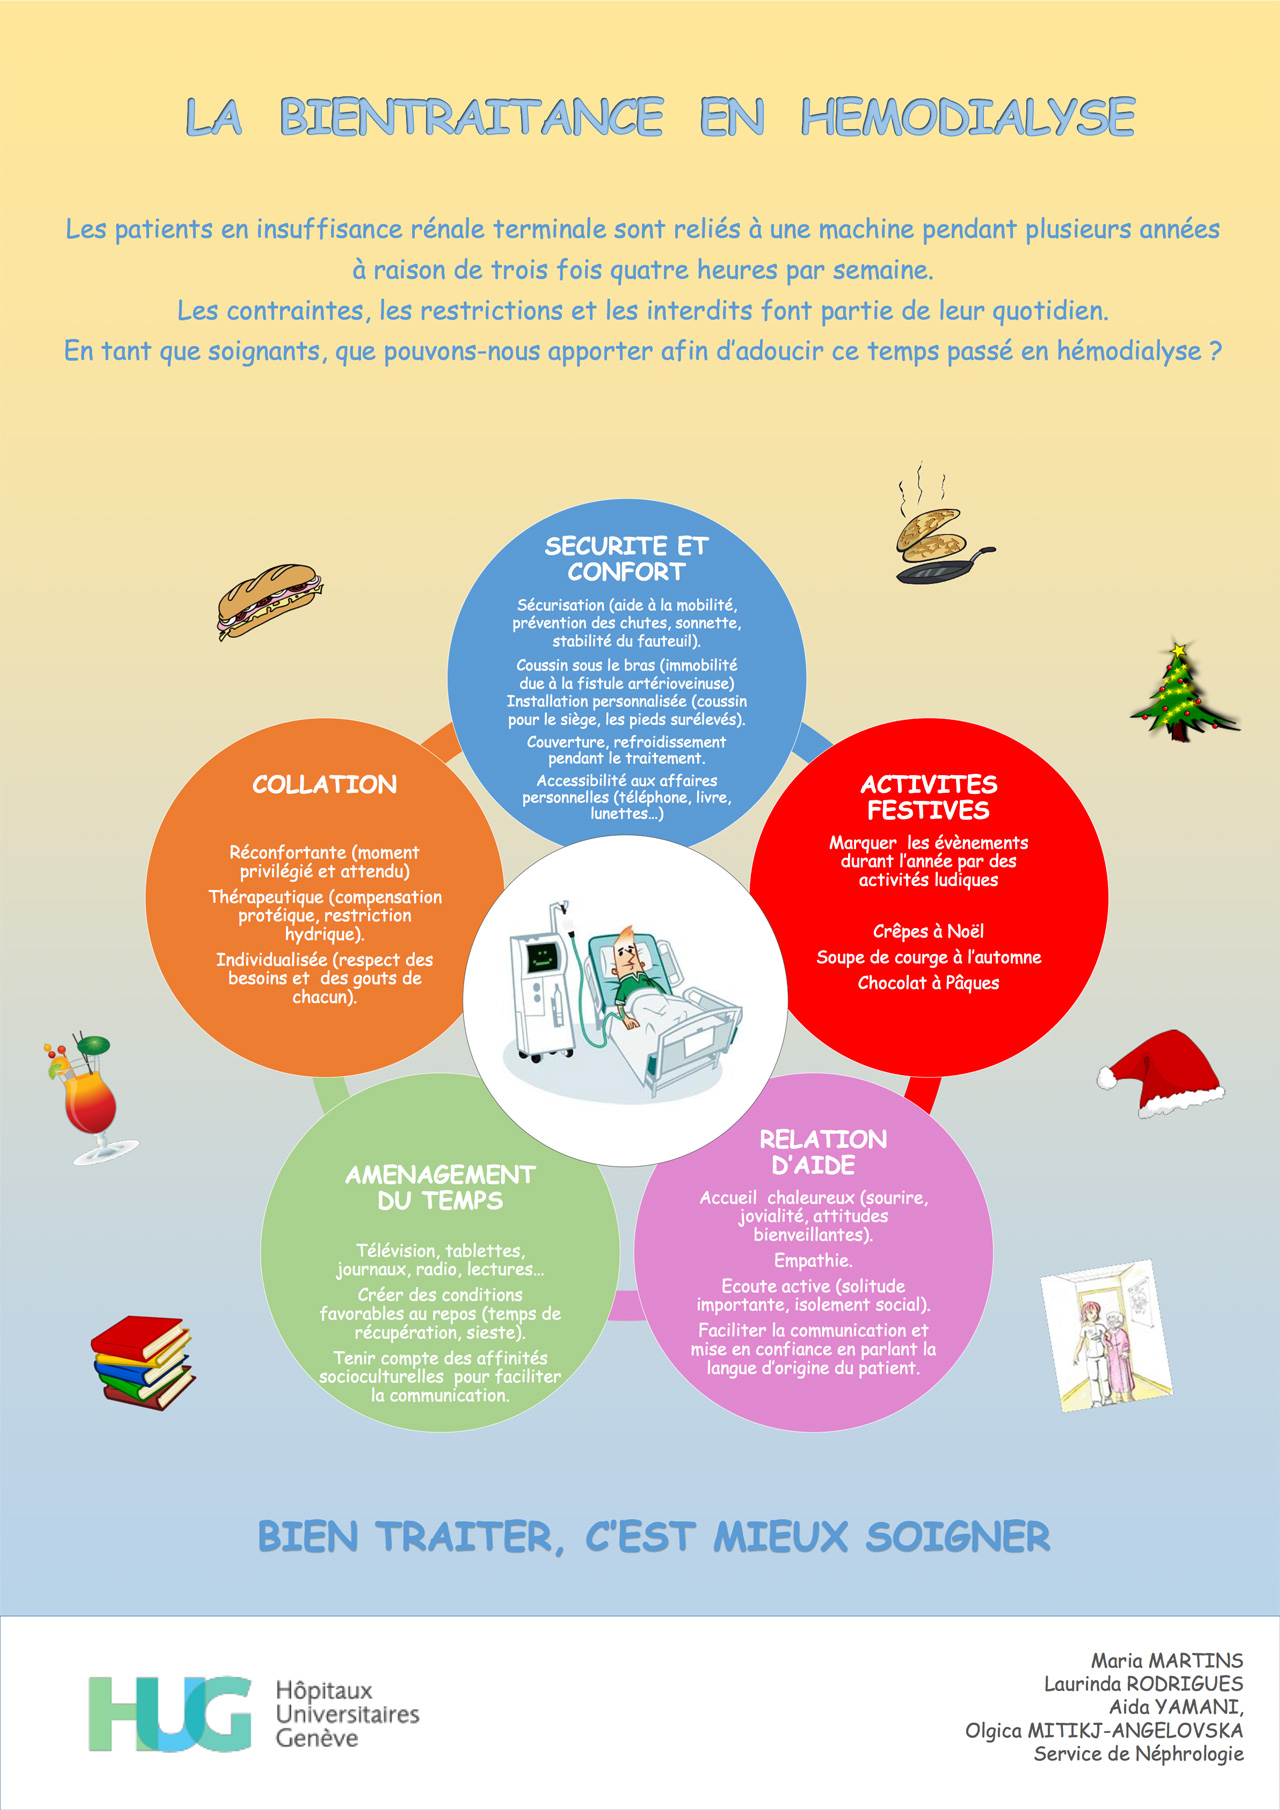 Poster de la néphrologie sur la bientraitance